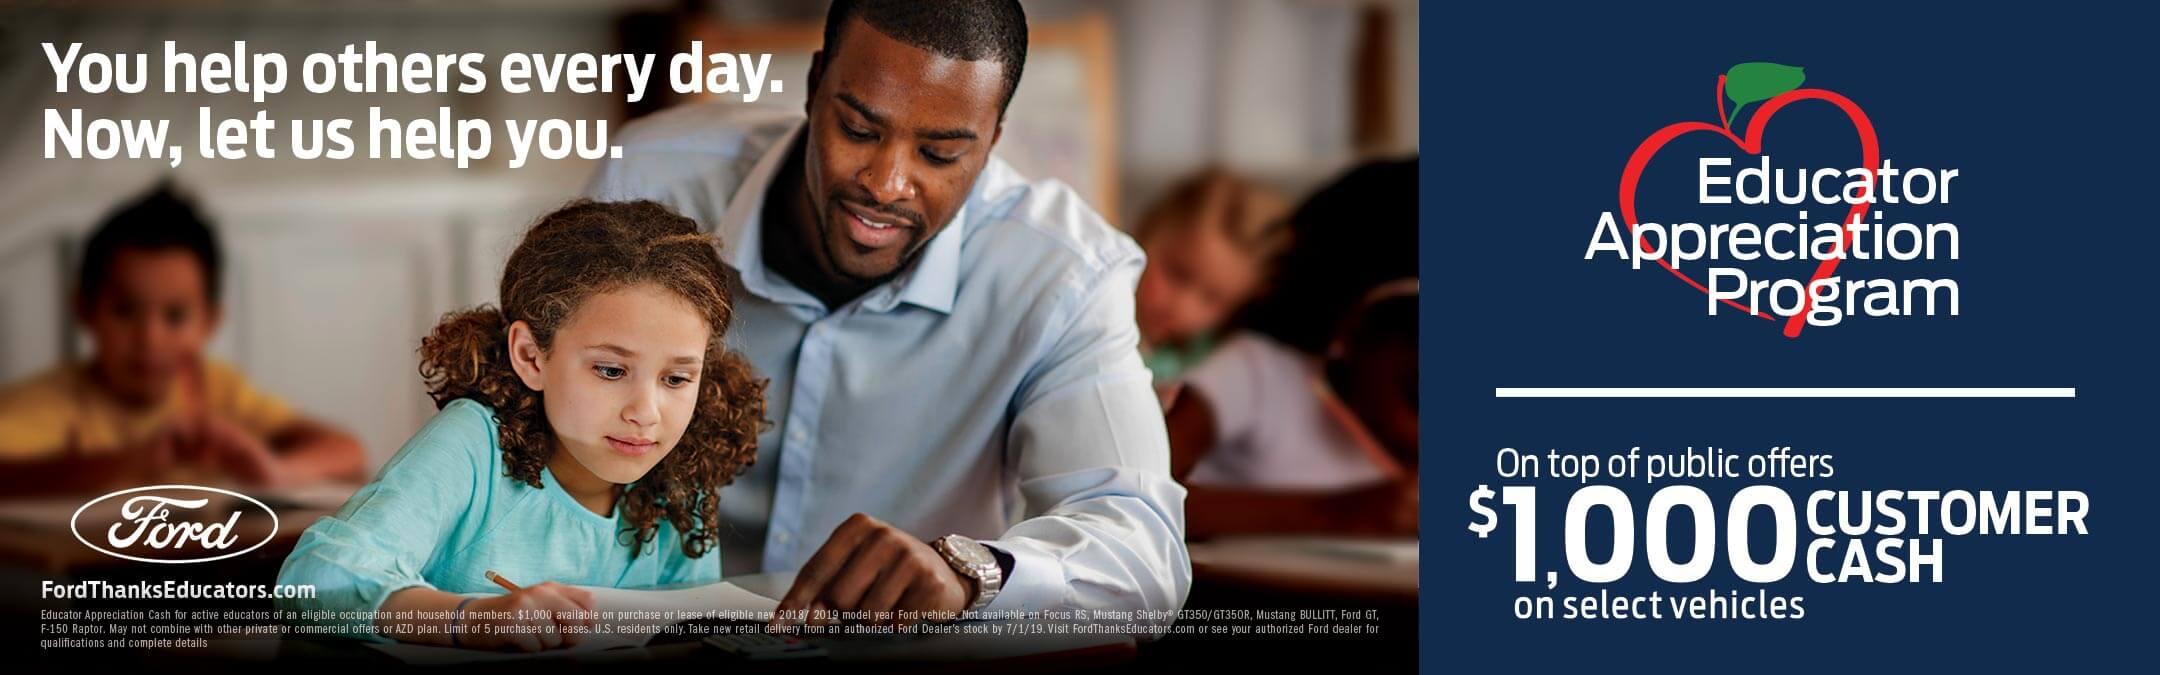 Ford Educator Appreciation Program